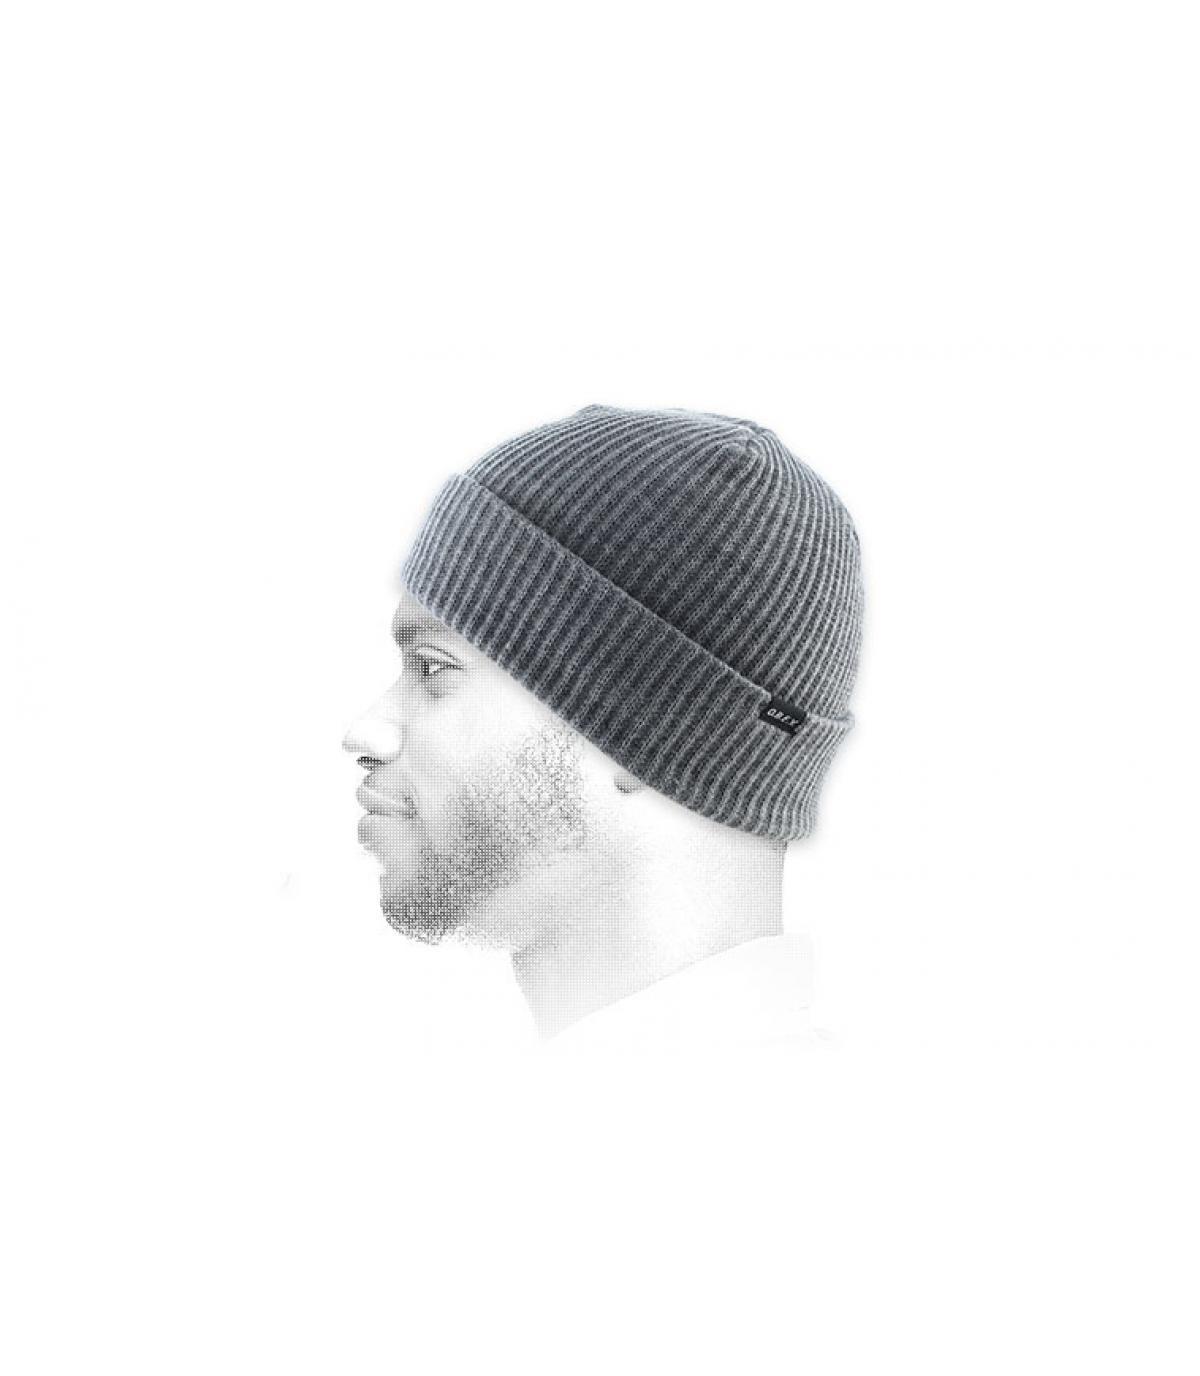 Grau meliert Mütze Revers Obey